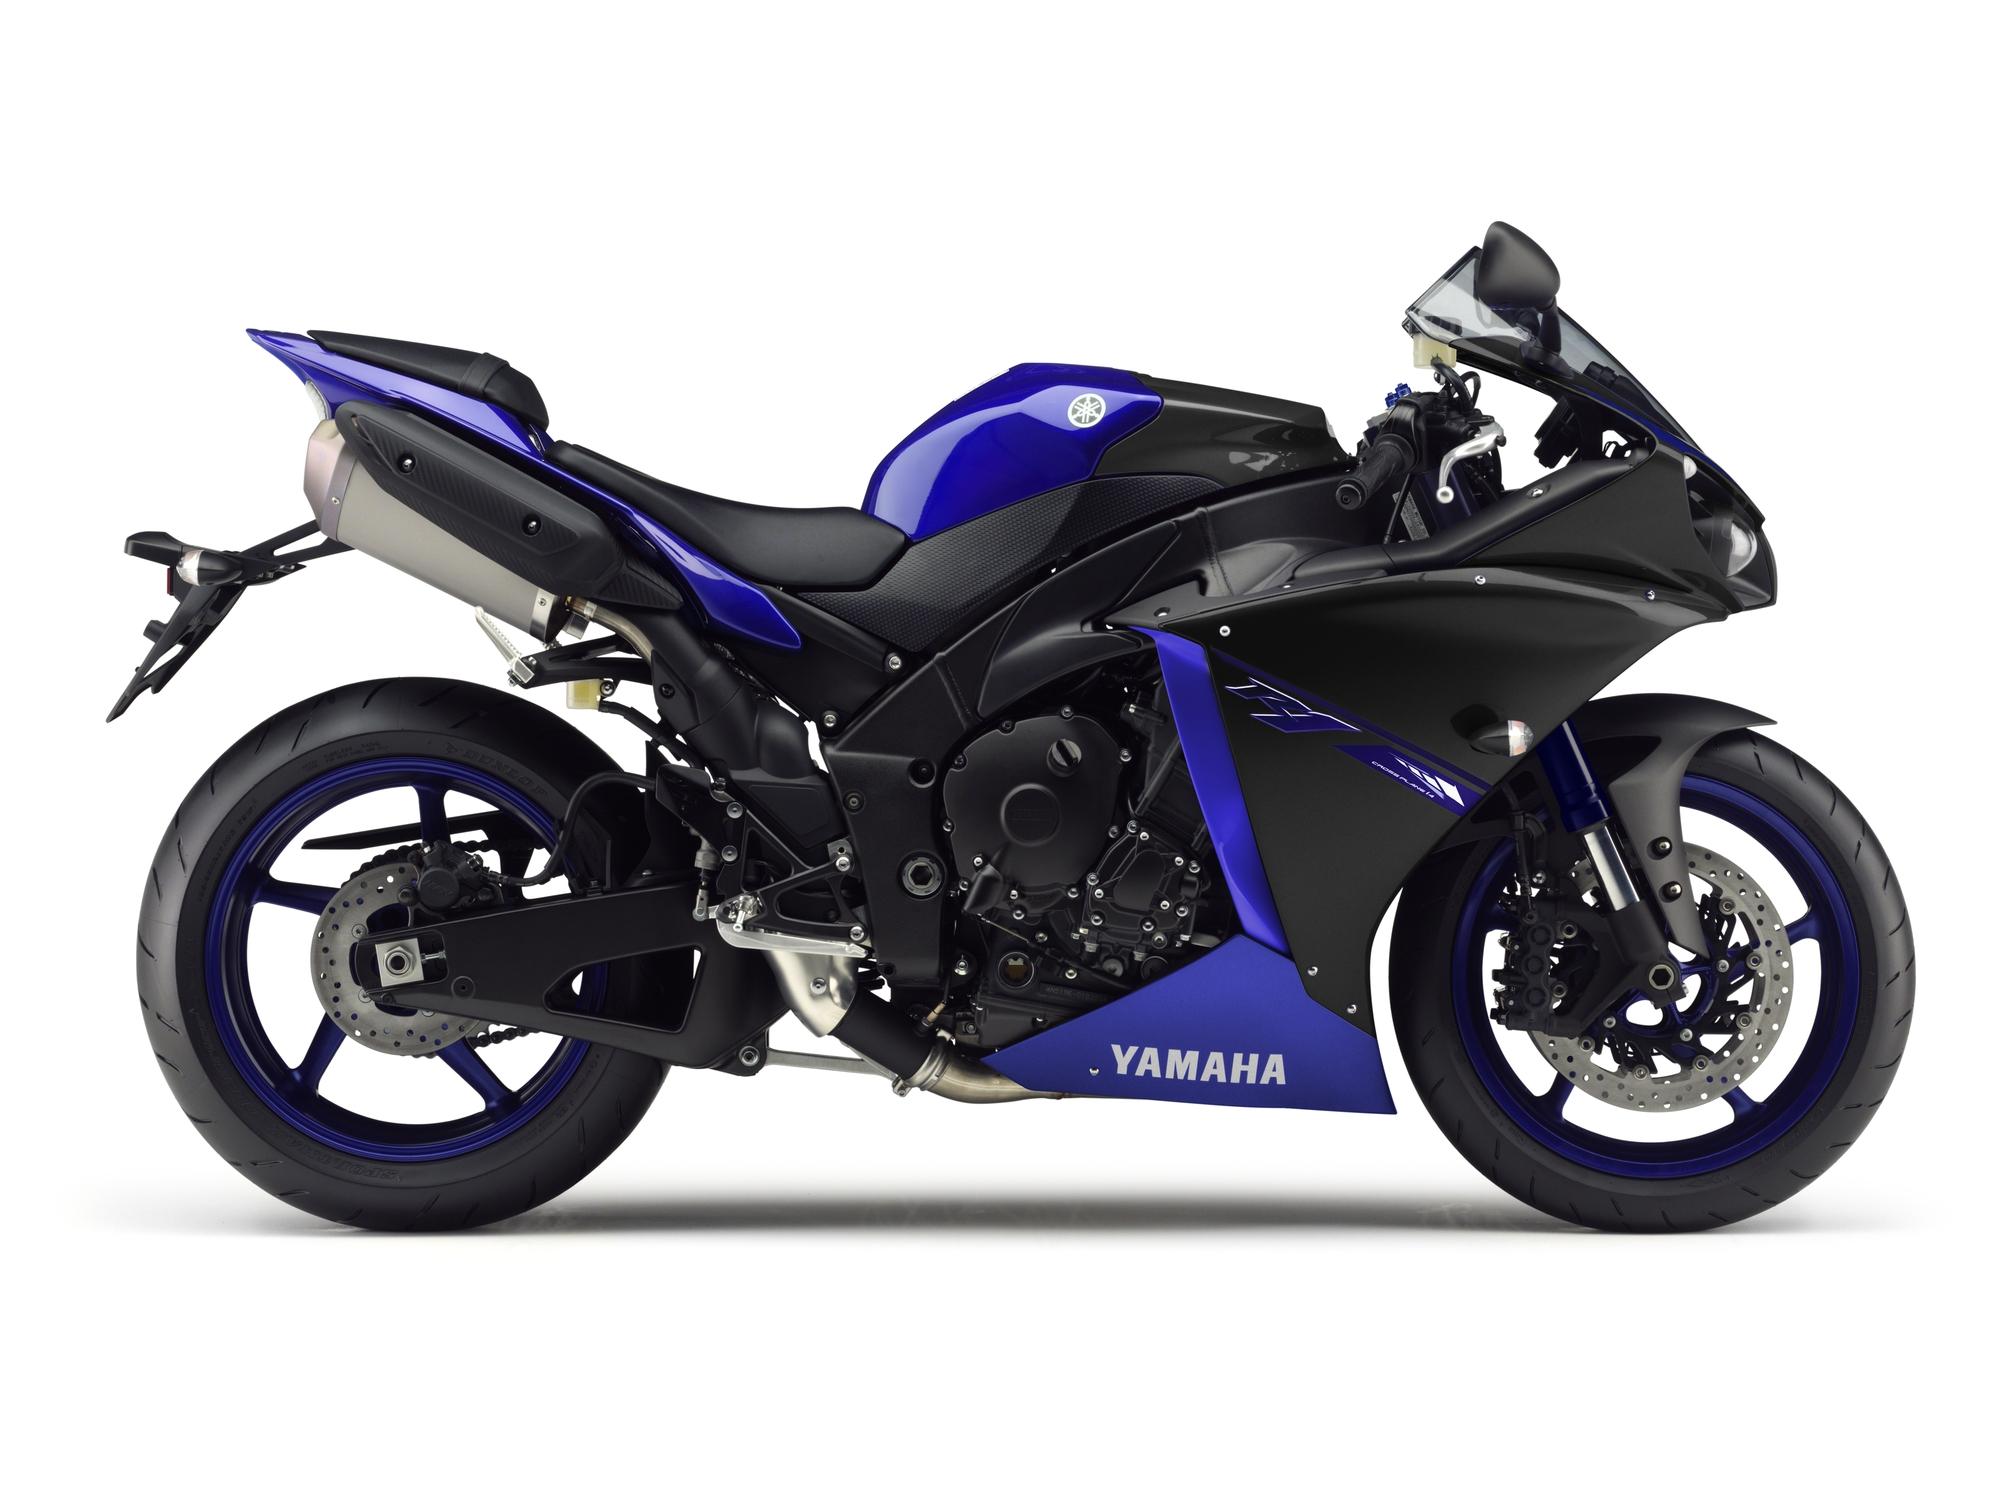 Yzf R1 2014 Teknik özellikler Yamaha Motor